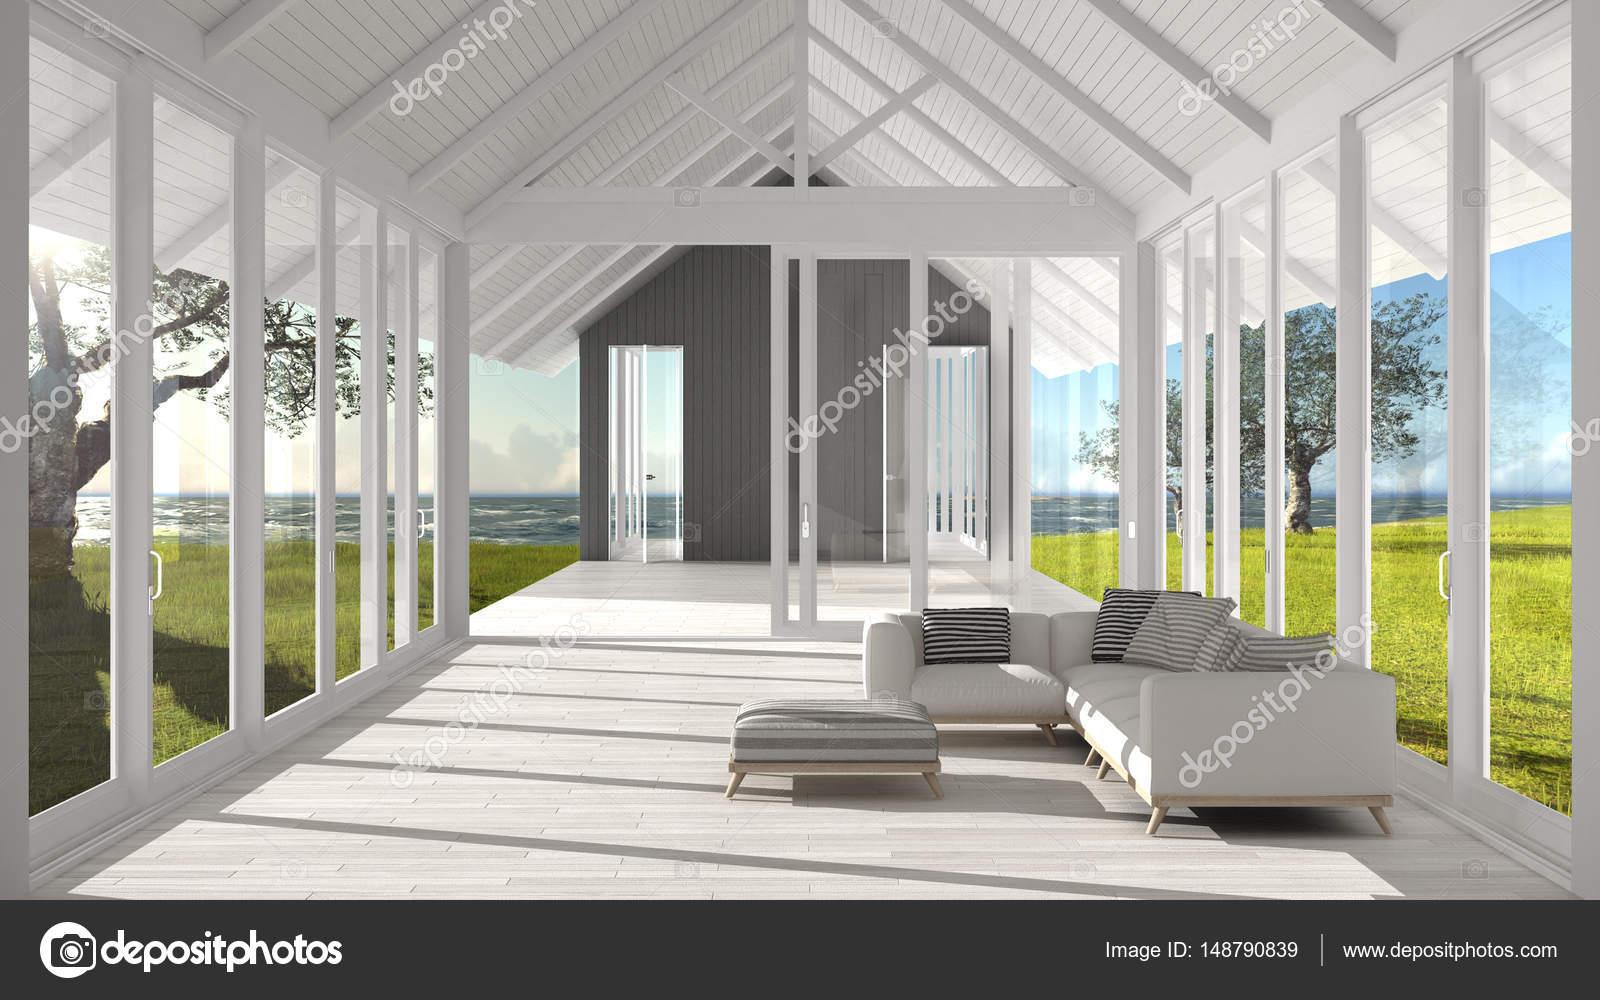 Minimalistische woonkamer met grote ramen glas en terra